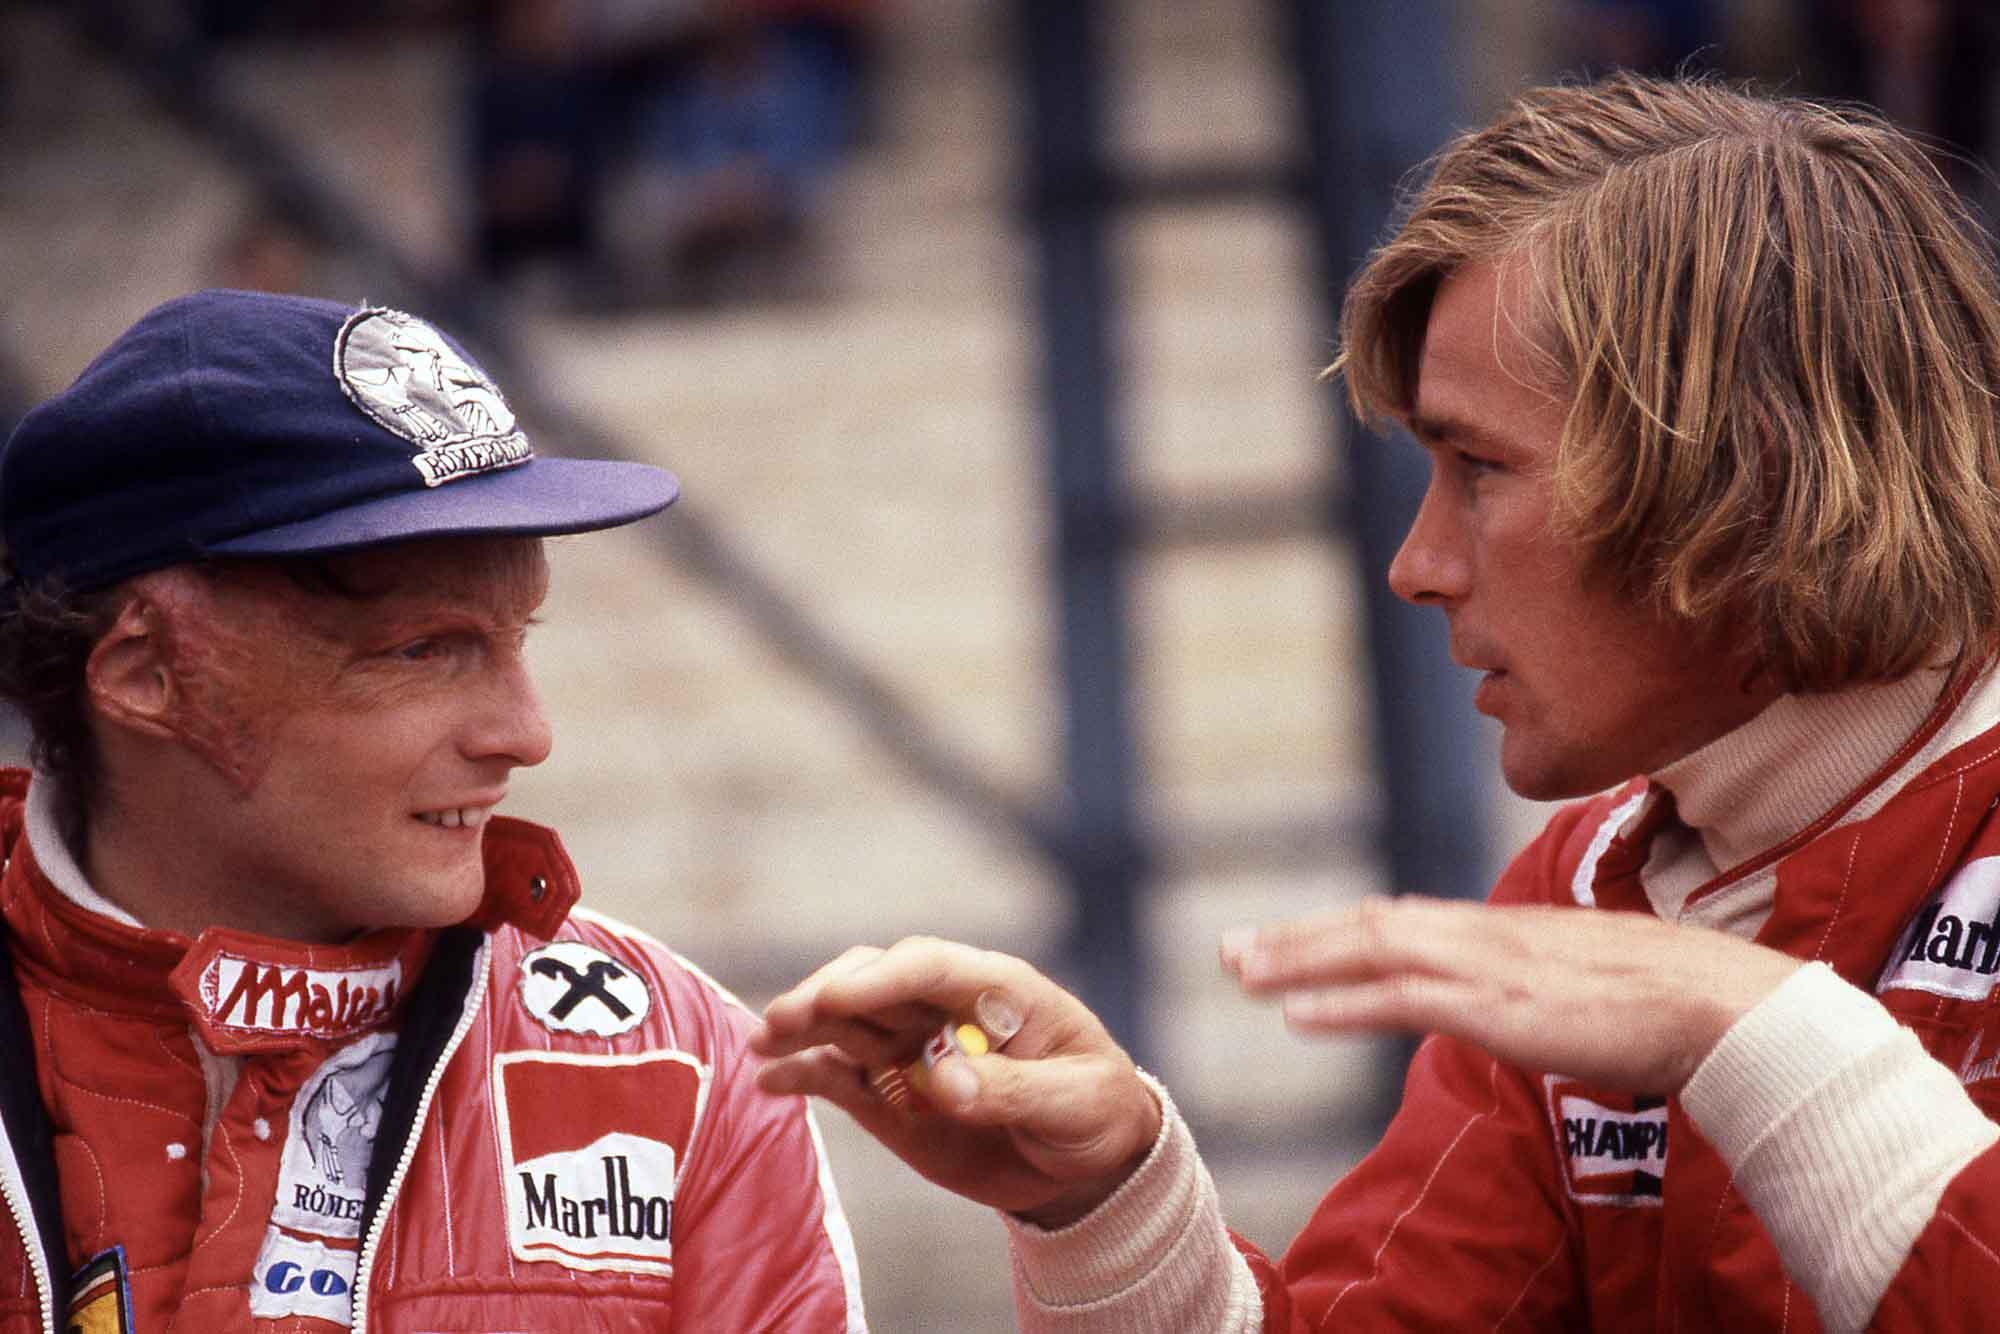 Niki Lauda X James Hunt A Verdadeira História Contada Por Nigel Roebuck Da Motorsport Conexão Saloma